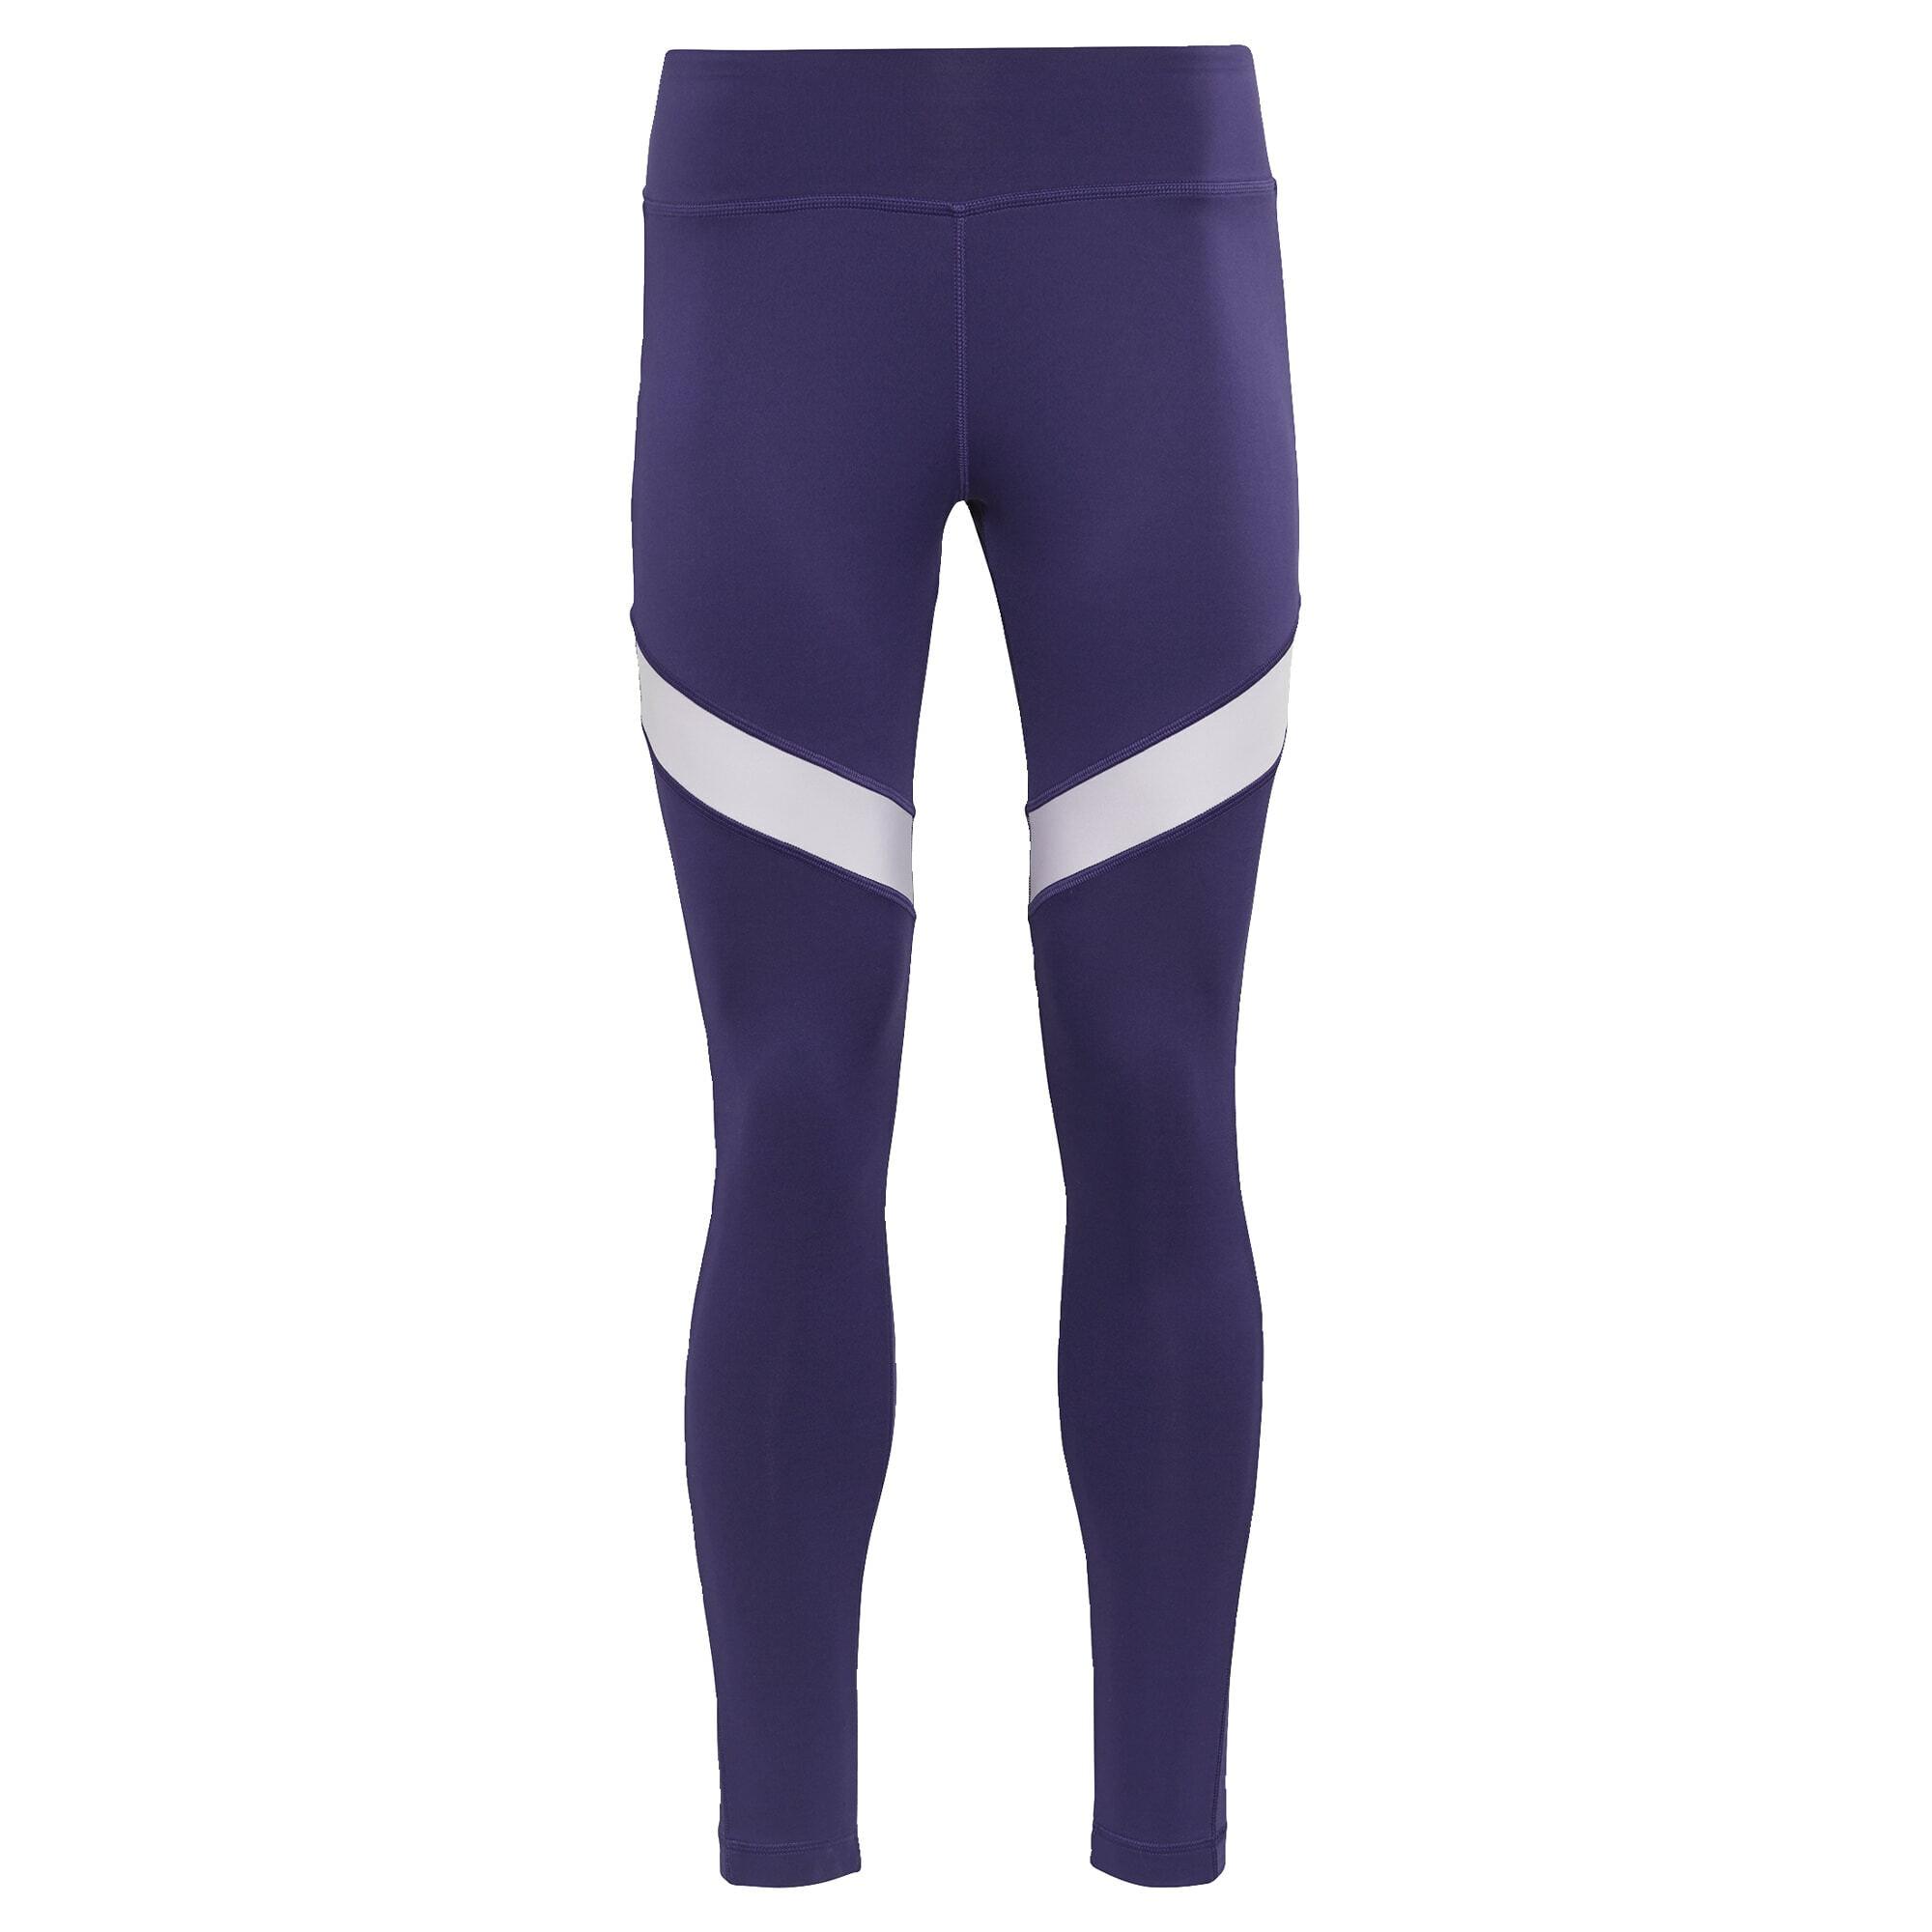 REEBOK Sportinės kelnės tamsiai violetinė / balta